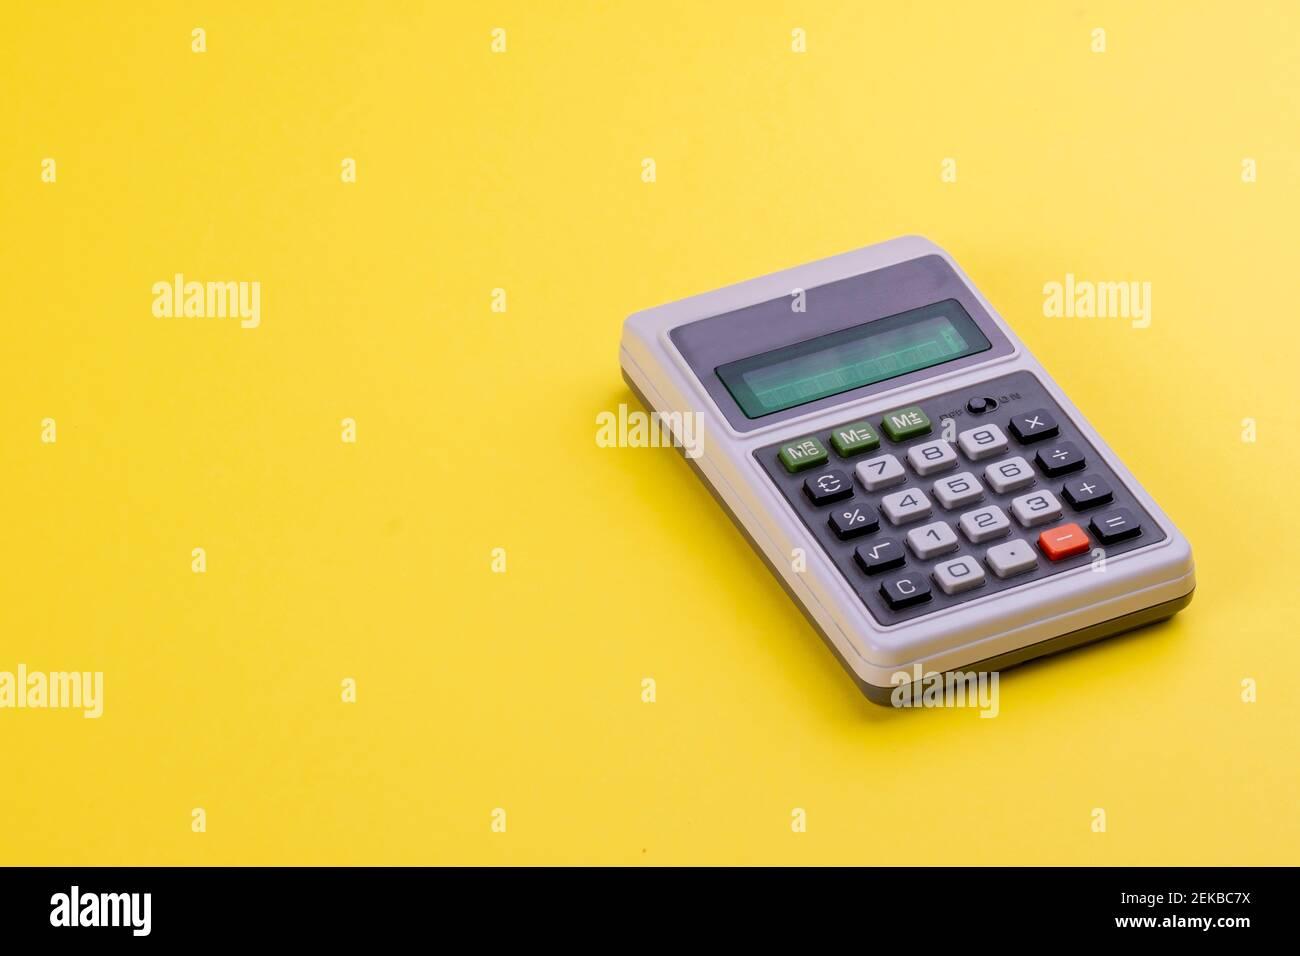 Objetos retro en negocios y educación. Una calculadora de época con pantalla digital y botones numéricos sobre fondo amarillo Pantone 2021. Contando Foto de stock